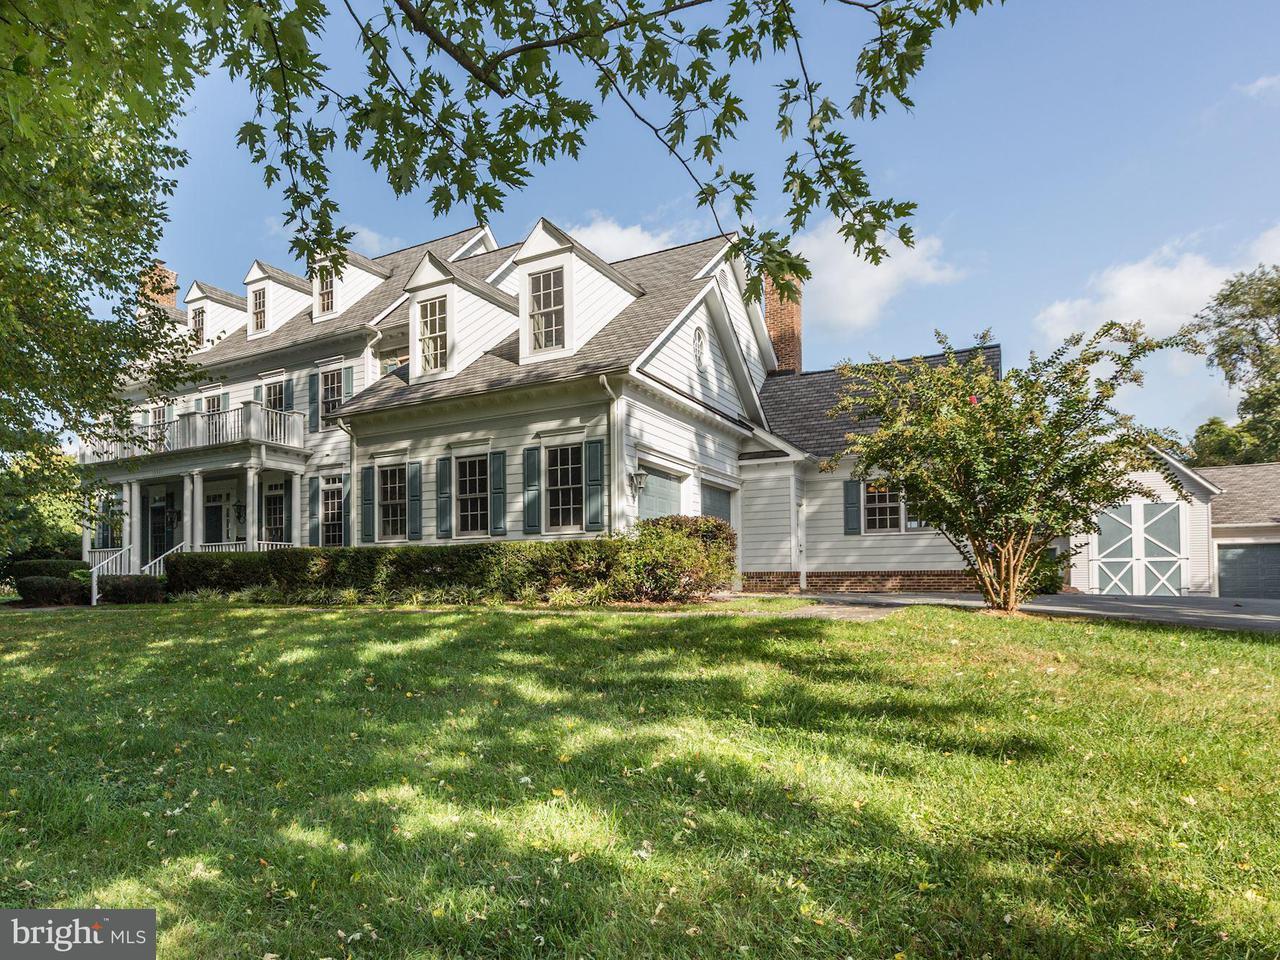 Частный односемейный дом для того Продажа на 15301 BERRYVILLE Road 15301 BERRYVILLE Road Darnestown, Мэриленд 20874 Соединенные Штаты